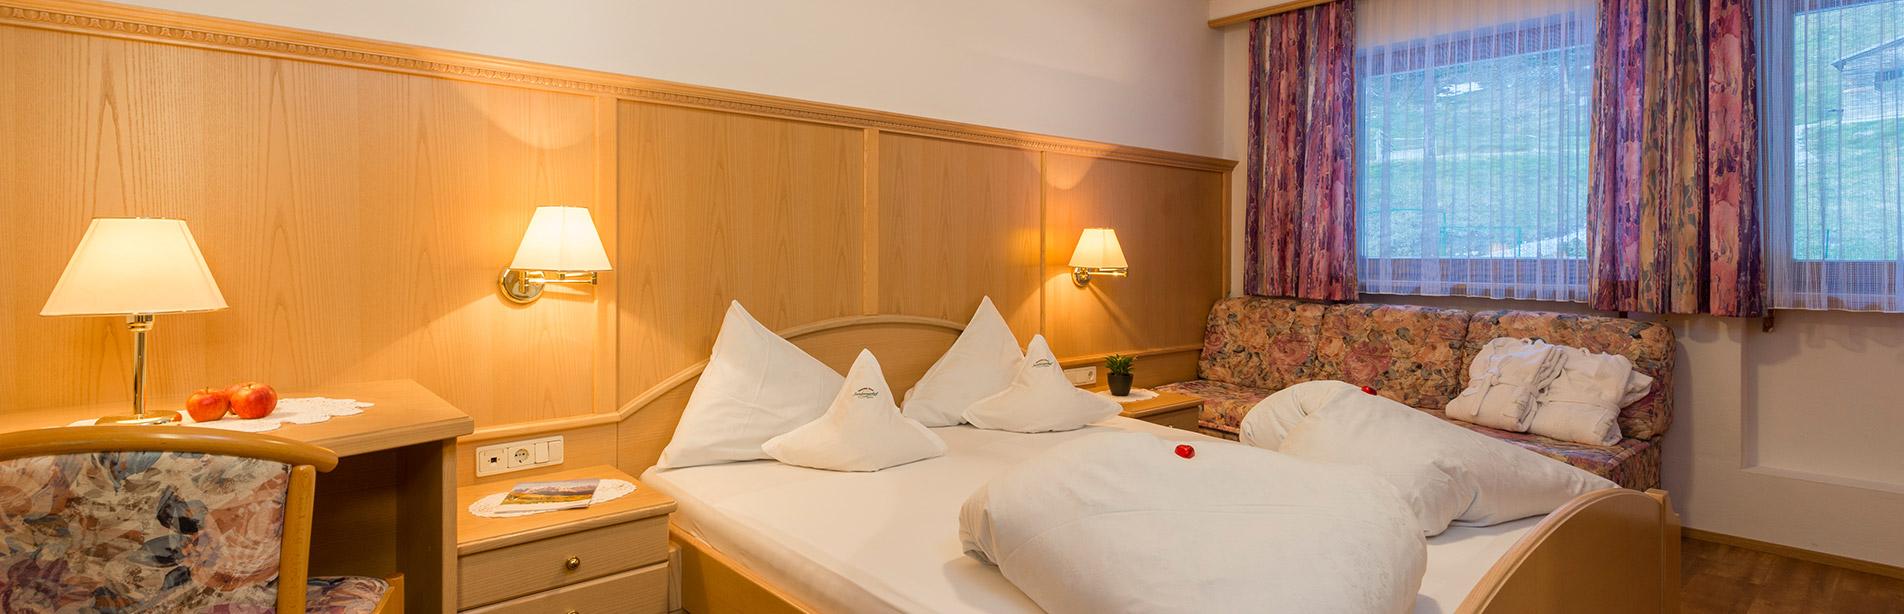 Hotel Sambergerhof  tannenduft